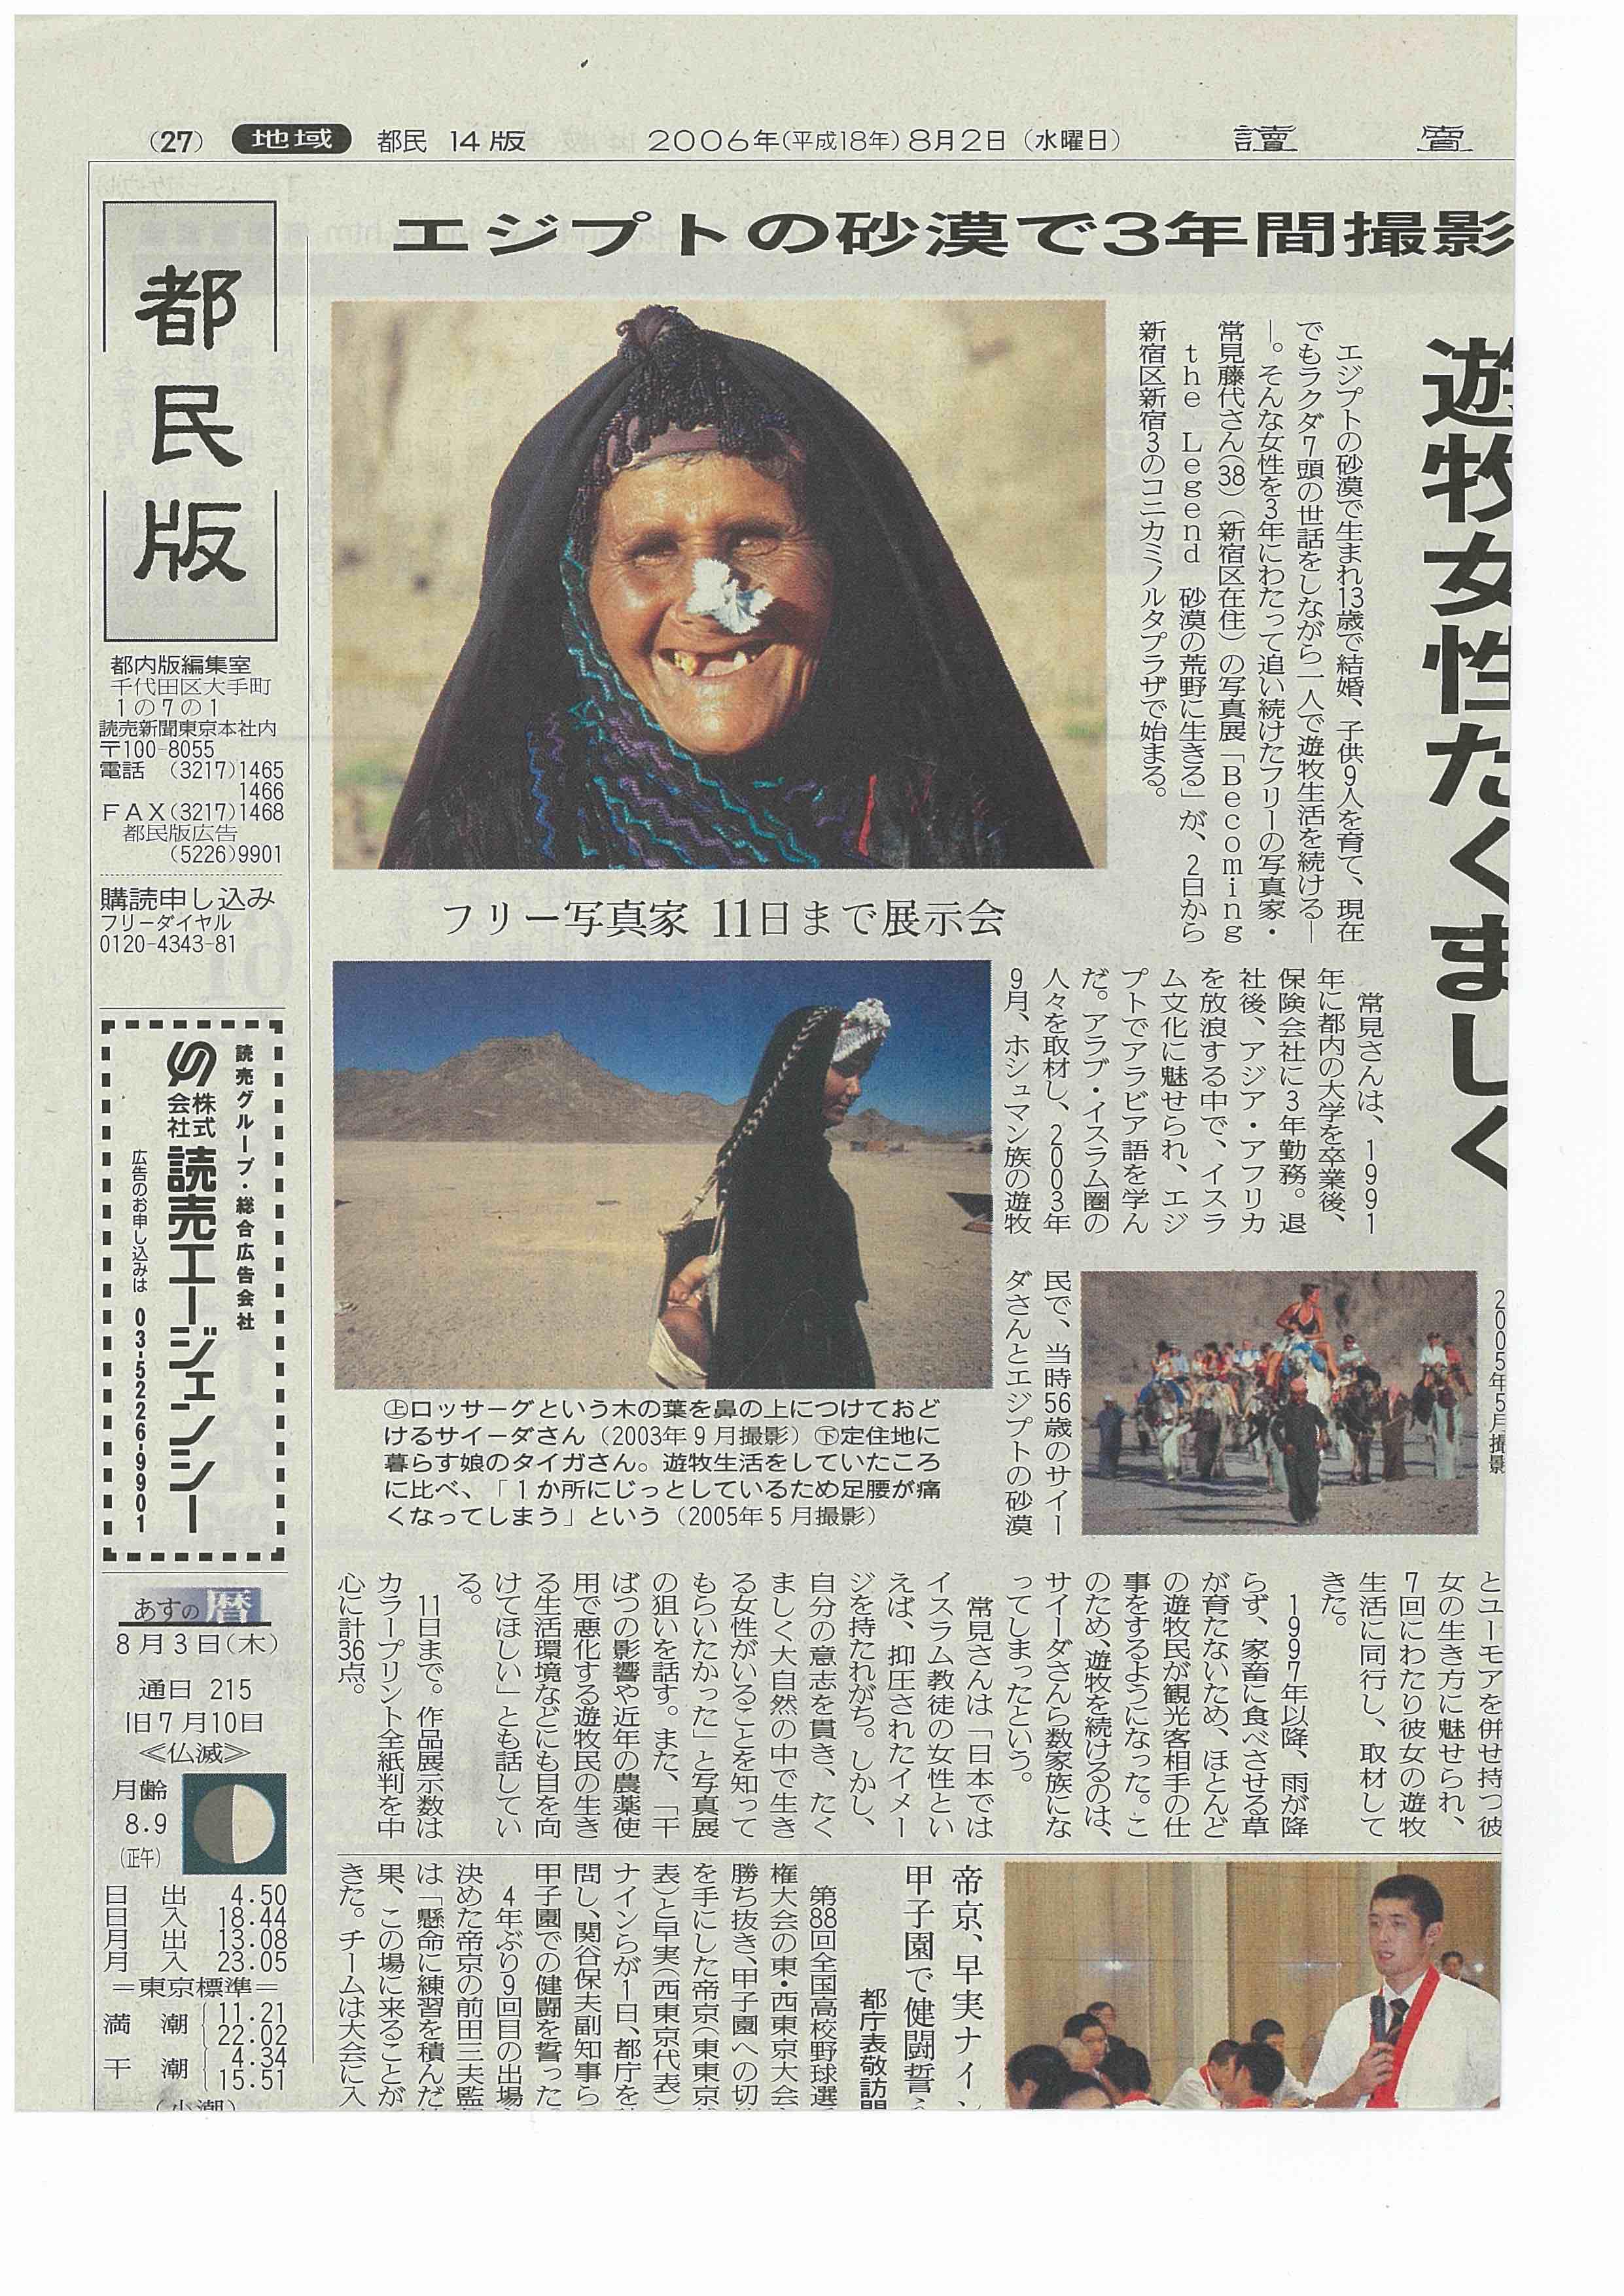 読売新聞「コニカミノルタ写真展 砂漠の荒野に生きる」